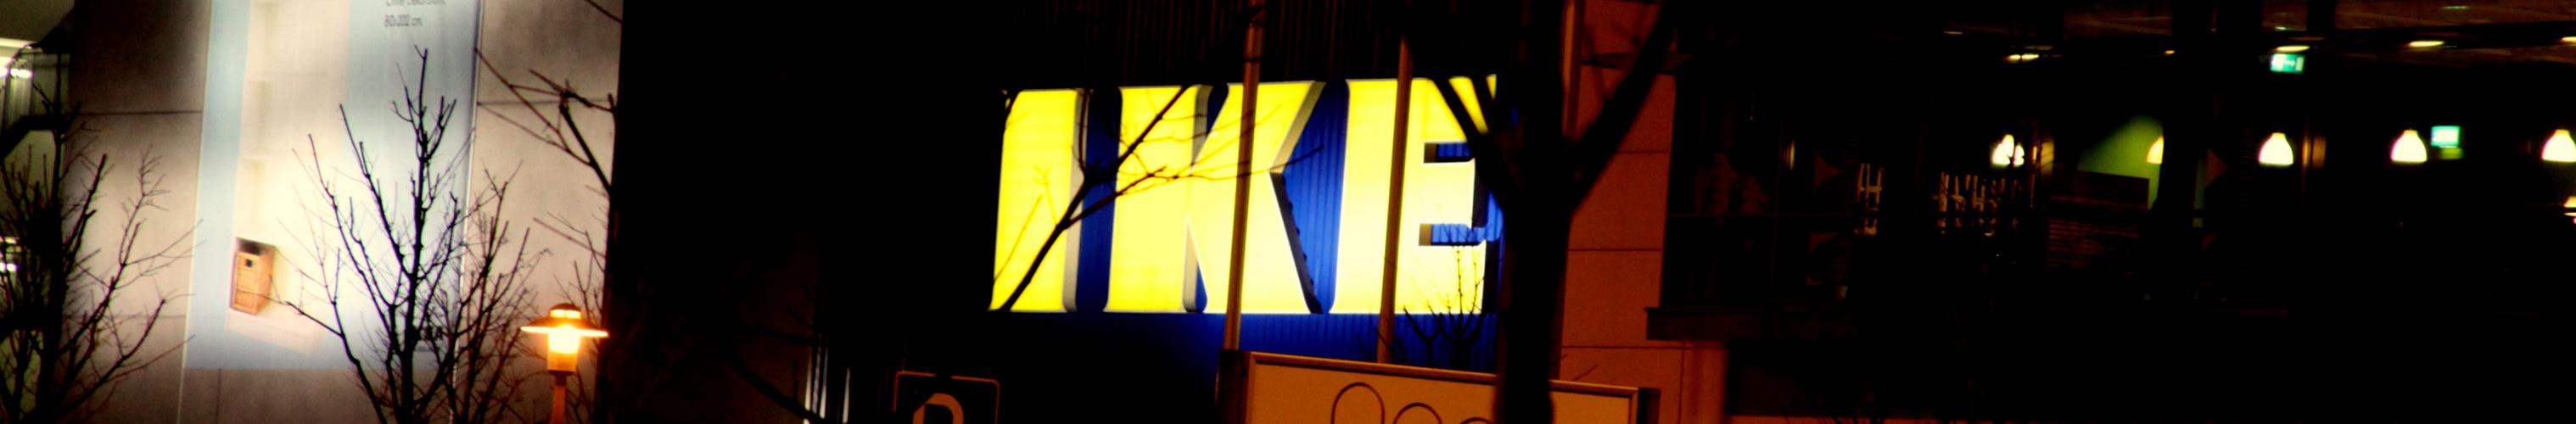 Big IKE.......